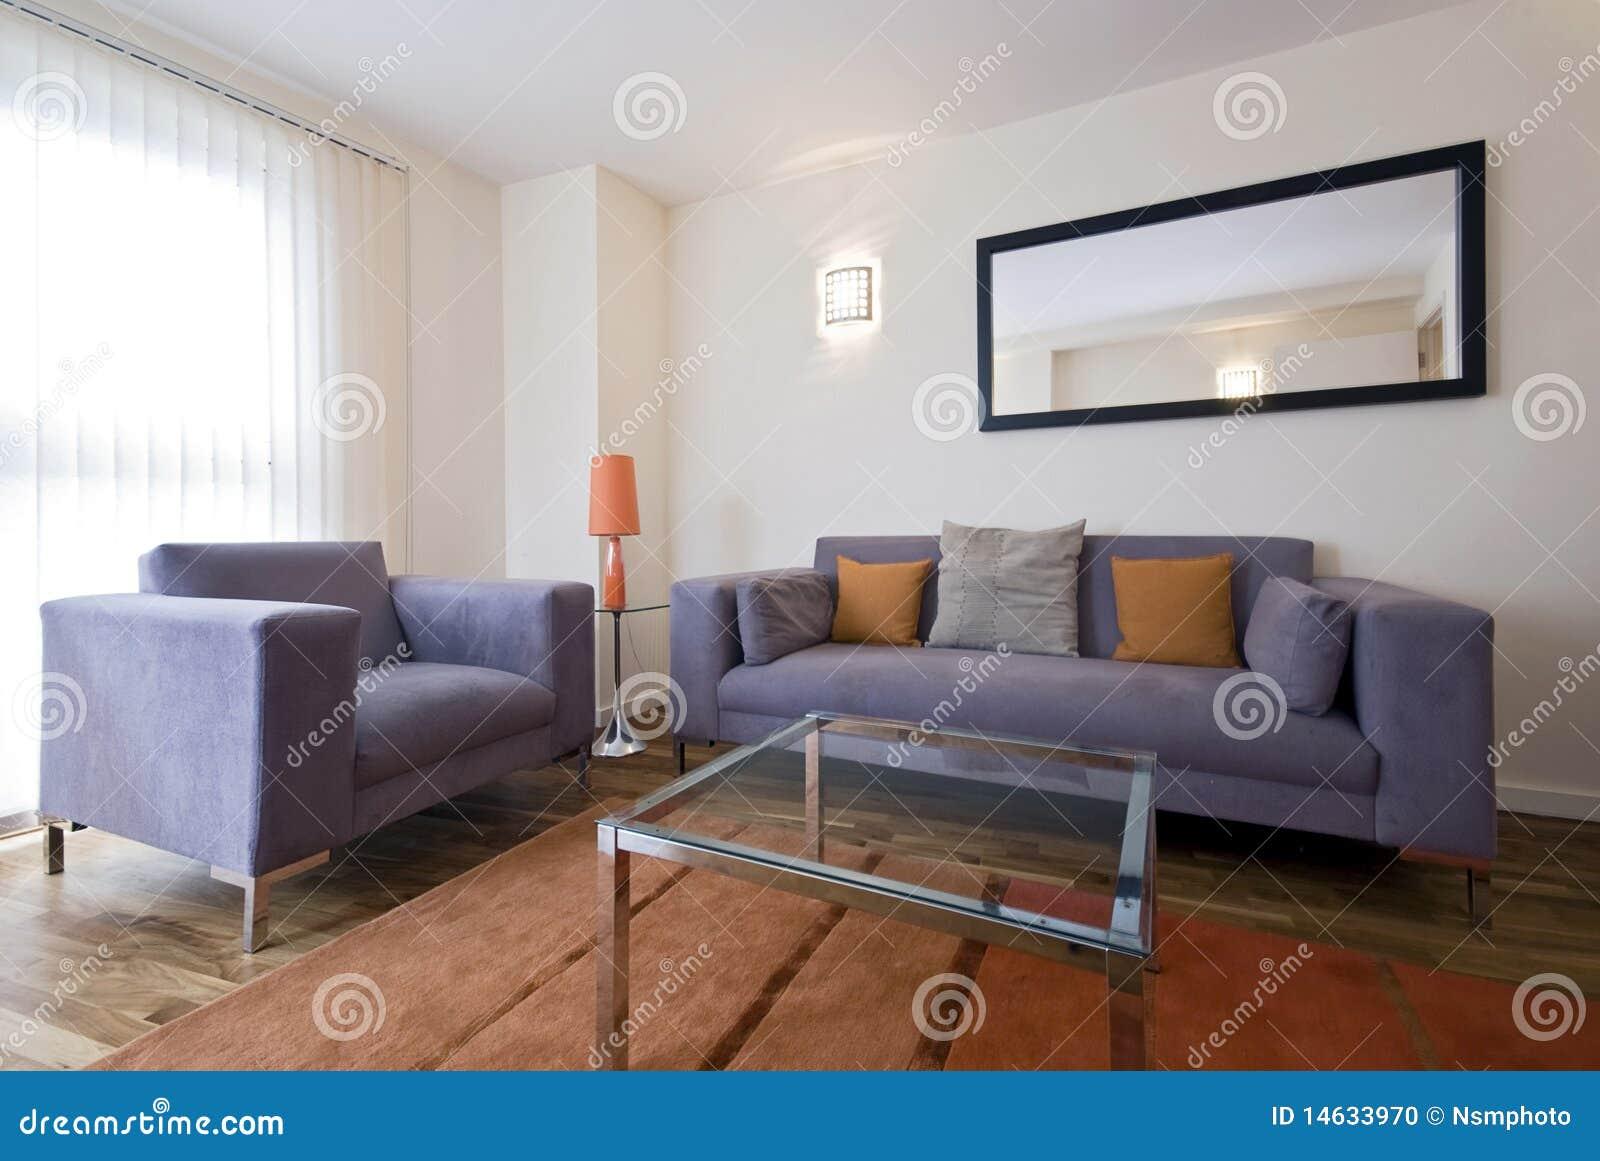 Moderne woonkamer met grijze bank stock foto beeld 14633970 for Grijze woonkamer